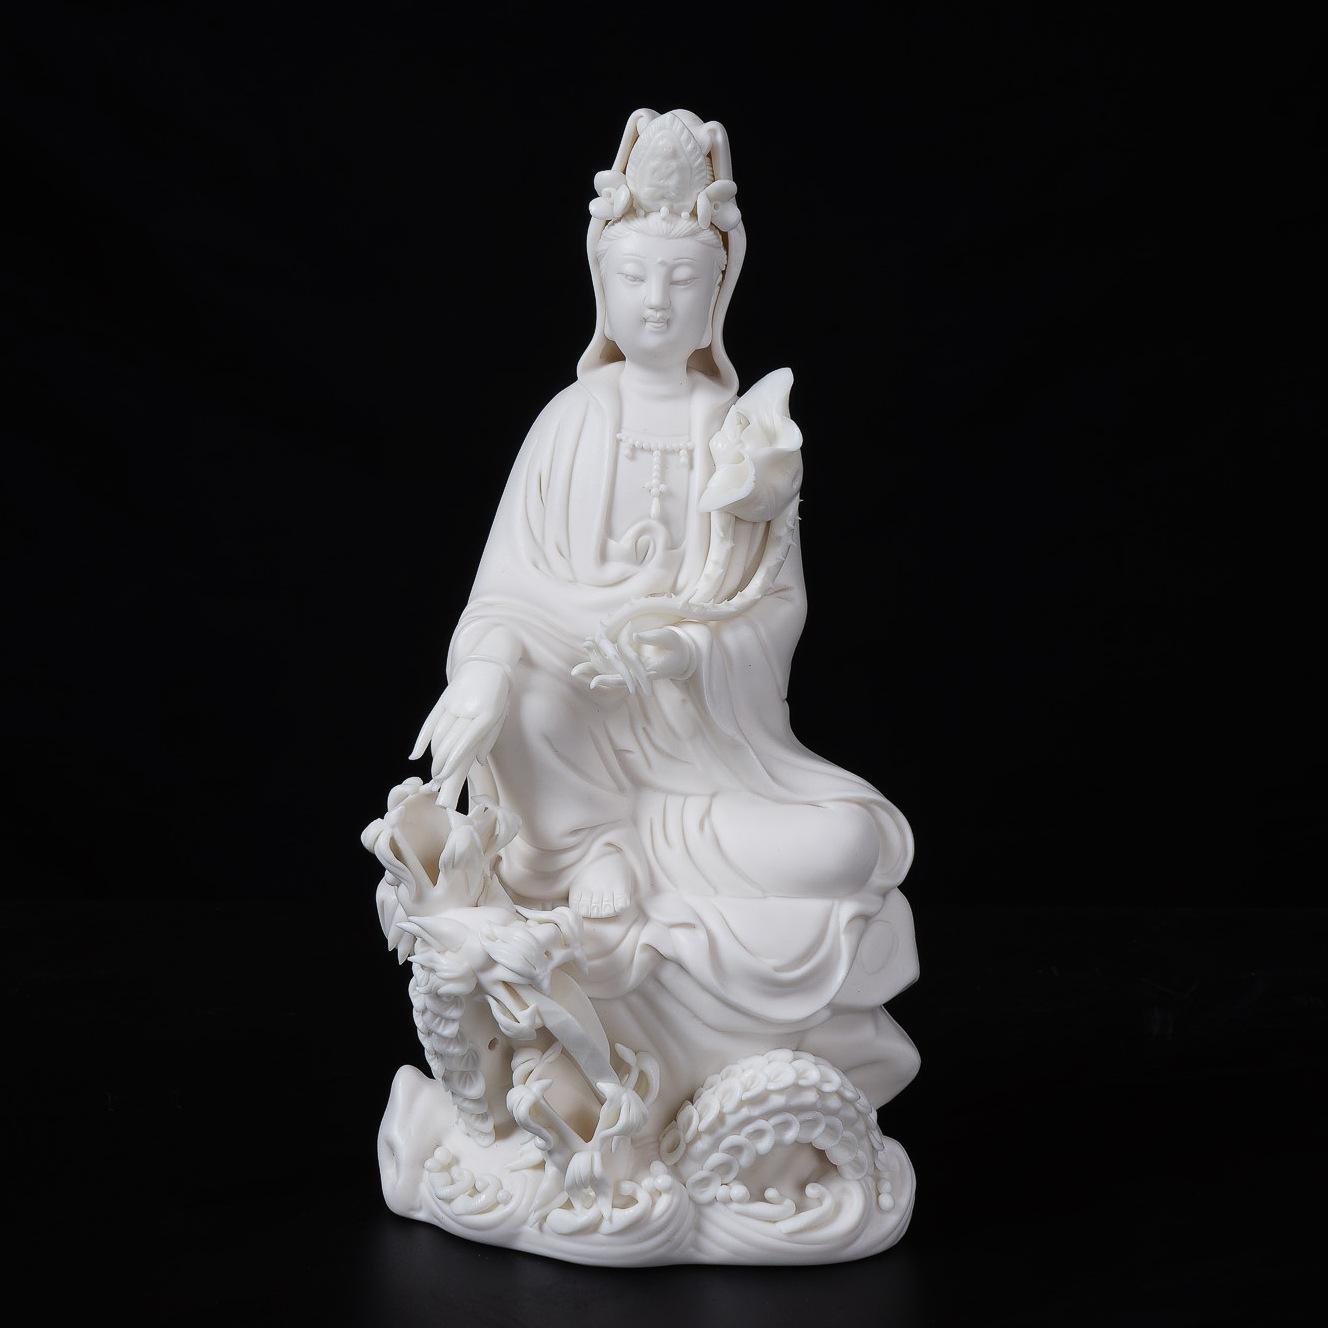 观音佛像礼品 德化白瓷陶瓷工艺品 小三龙滴水观音瓷器摆件可定制